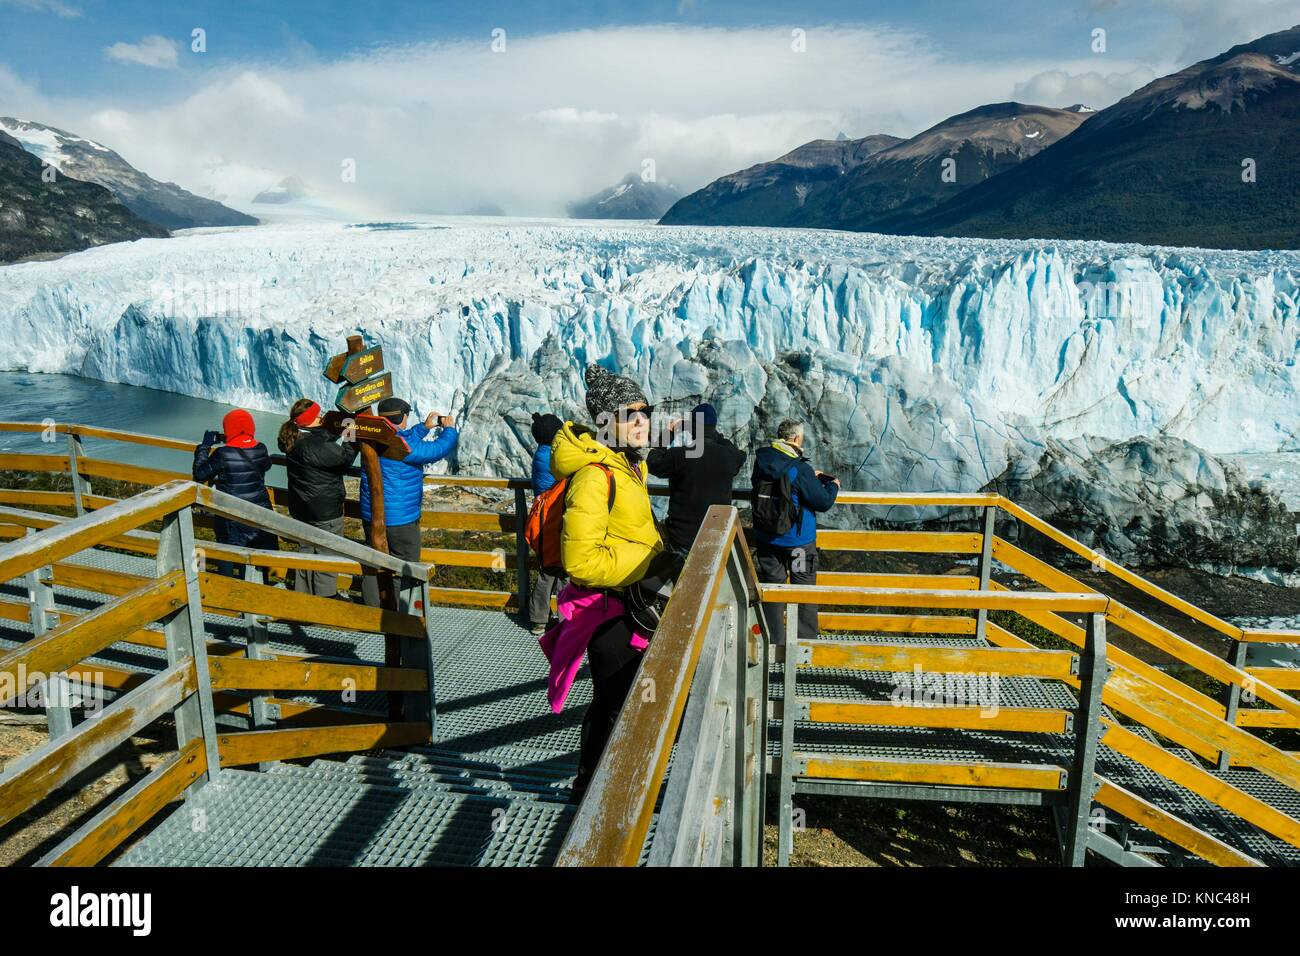 turistas en las pasarelas, glaciar Perito Moreno, Parque Nacional Los Glaciares, departamento Lago Argentino, provincia - Stock Image